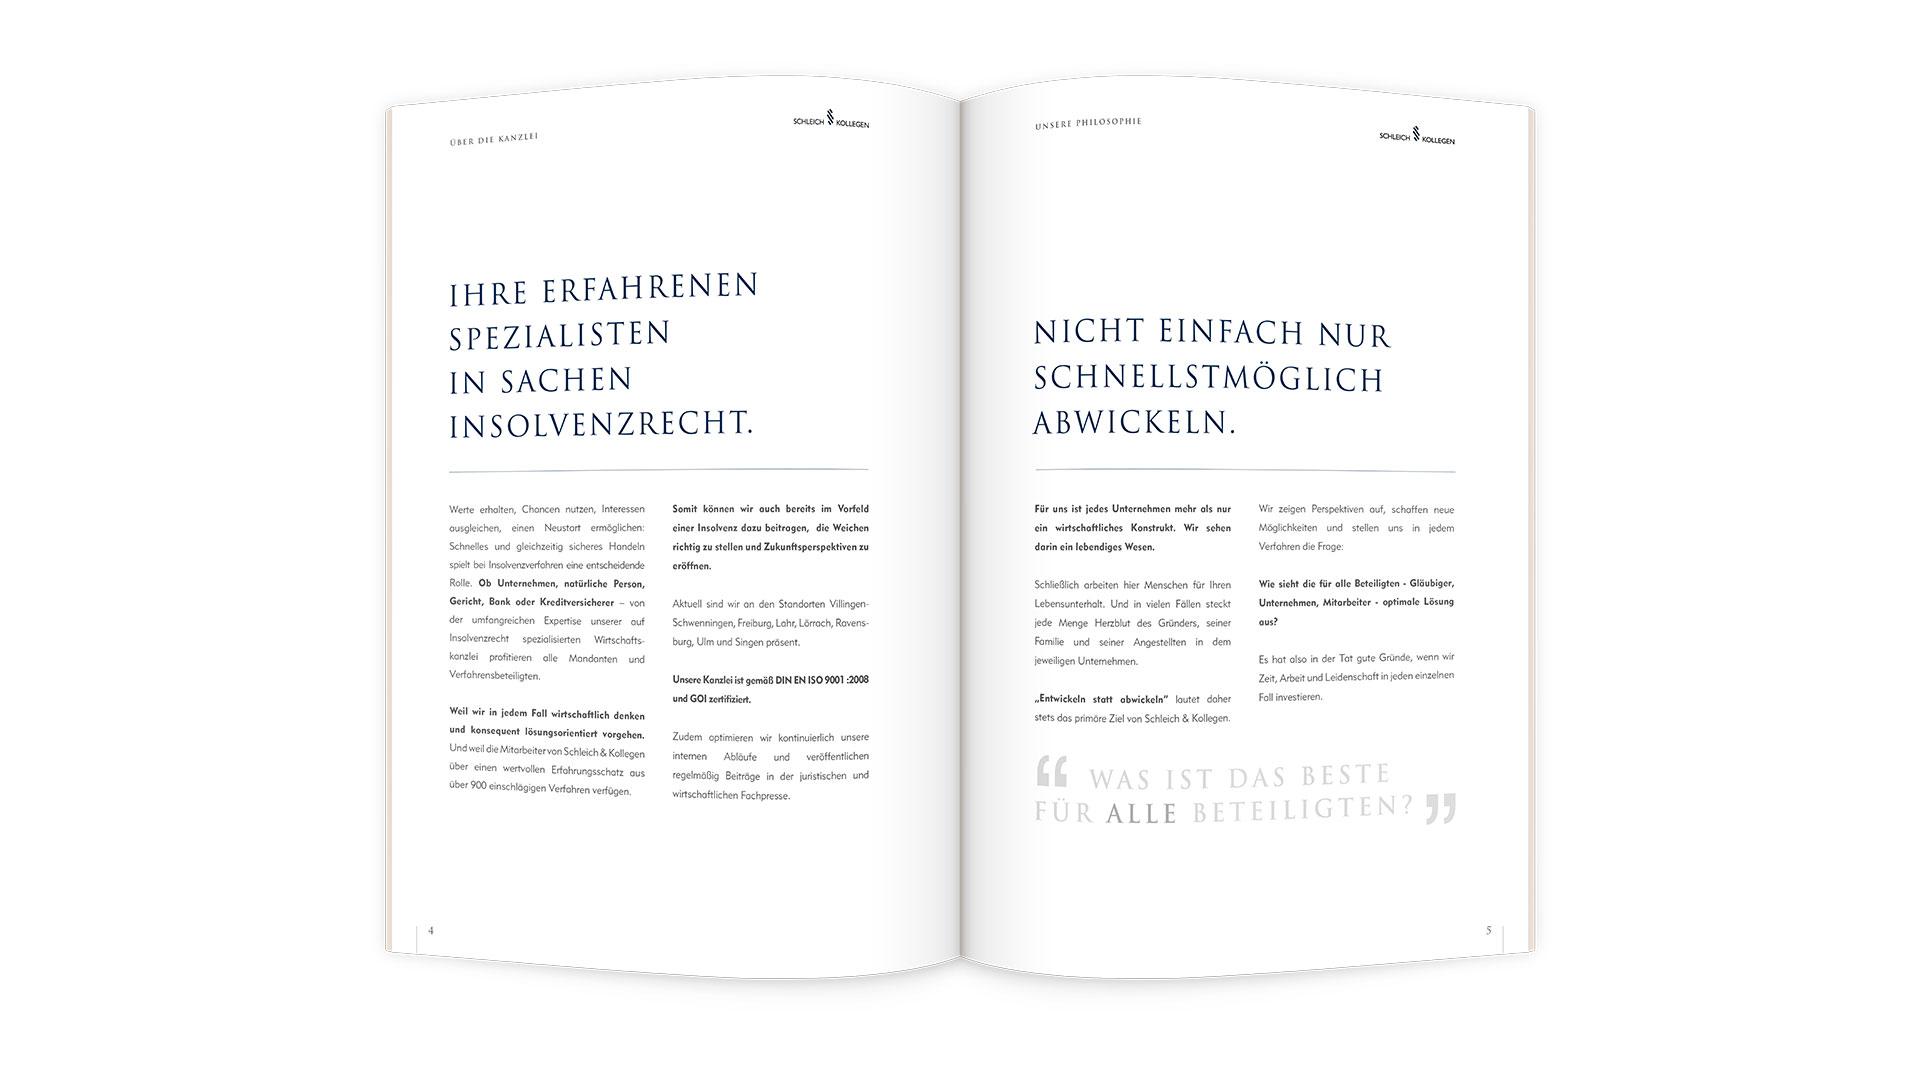 Schleich & Kollegen